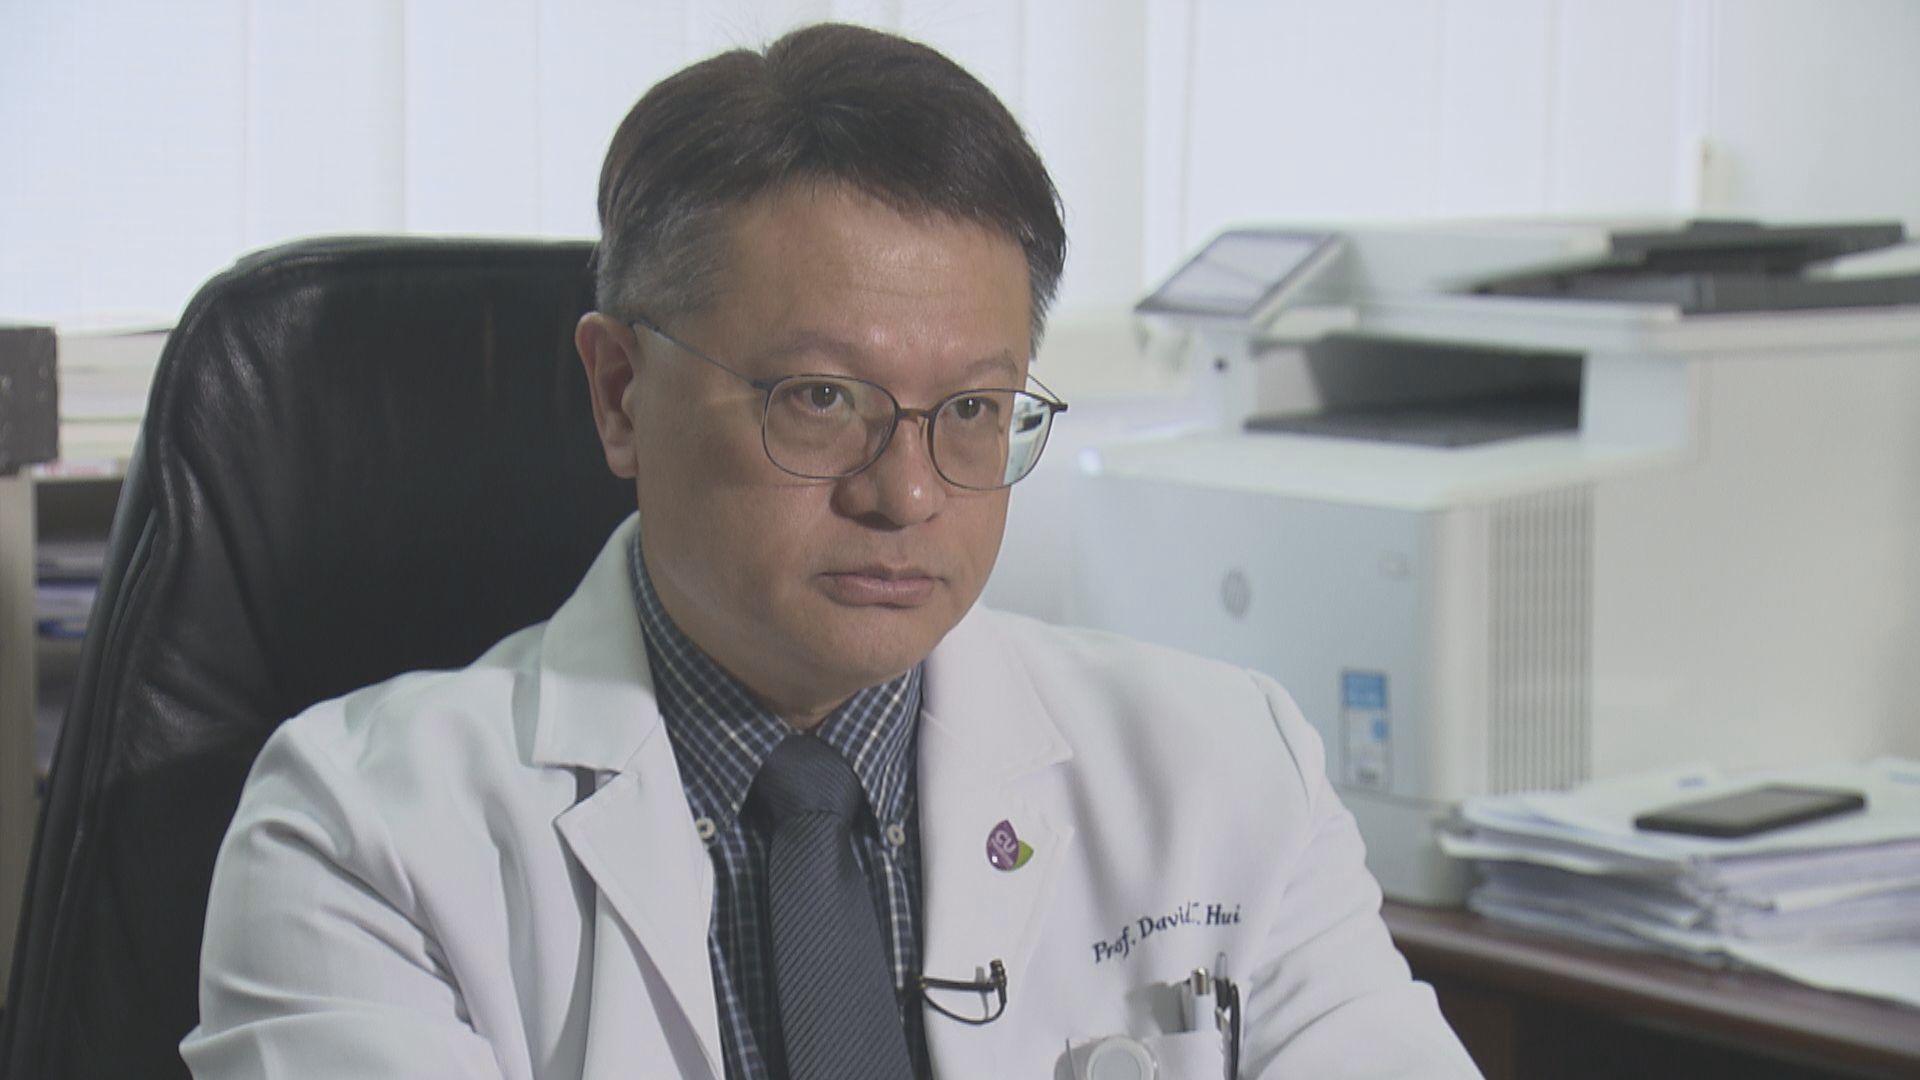 許樹昌:女患者酒店檢測陰性 須審視抽樣有否出錯